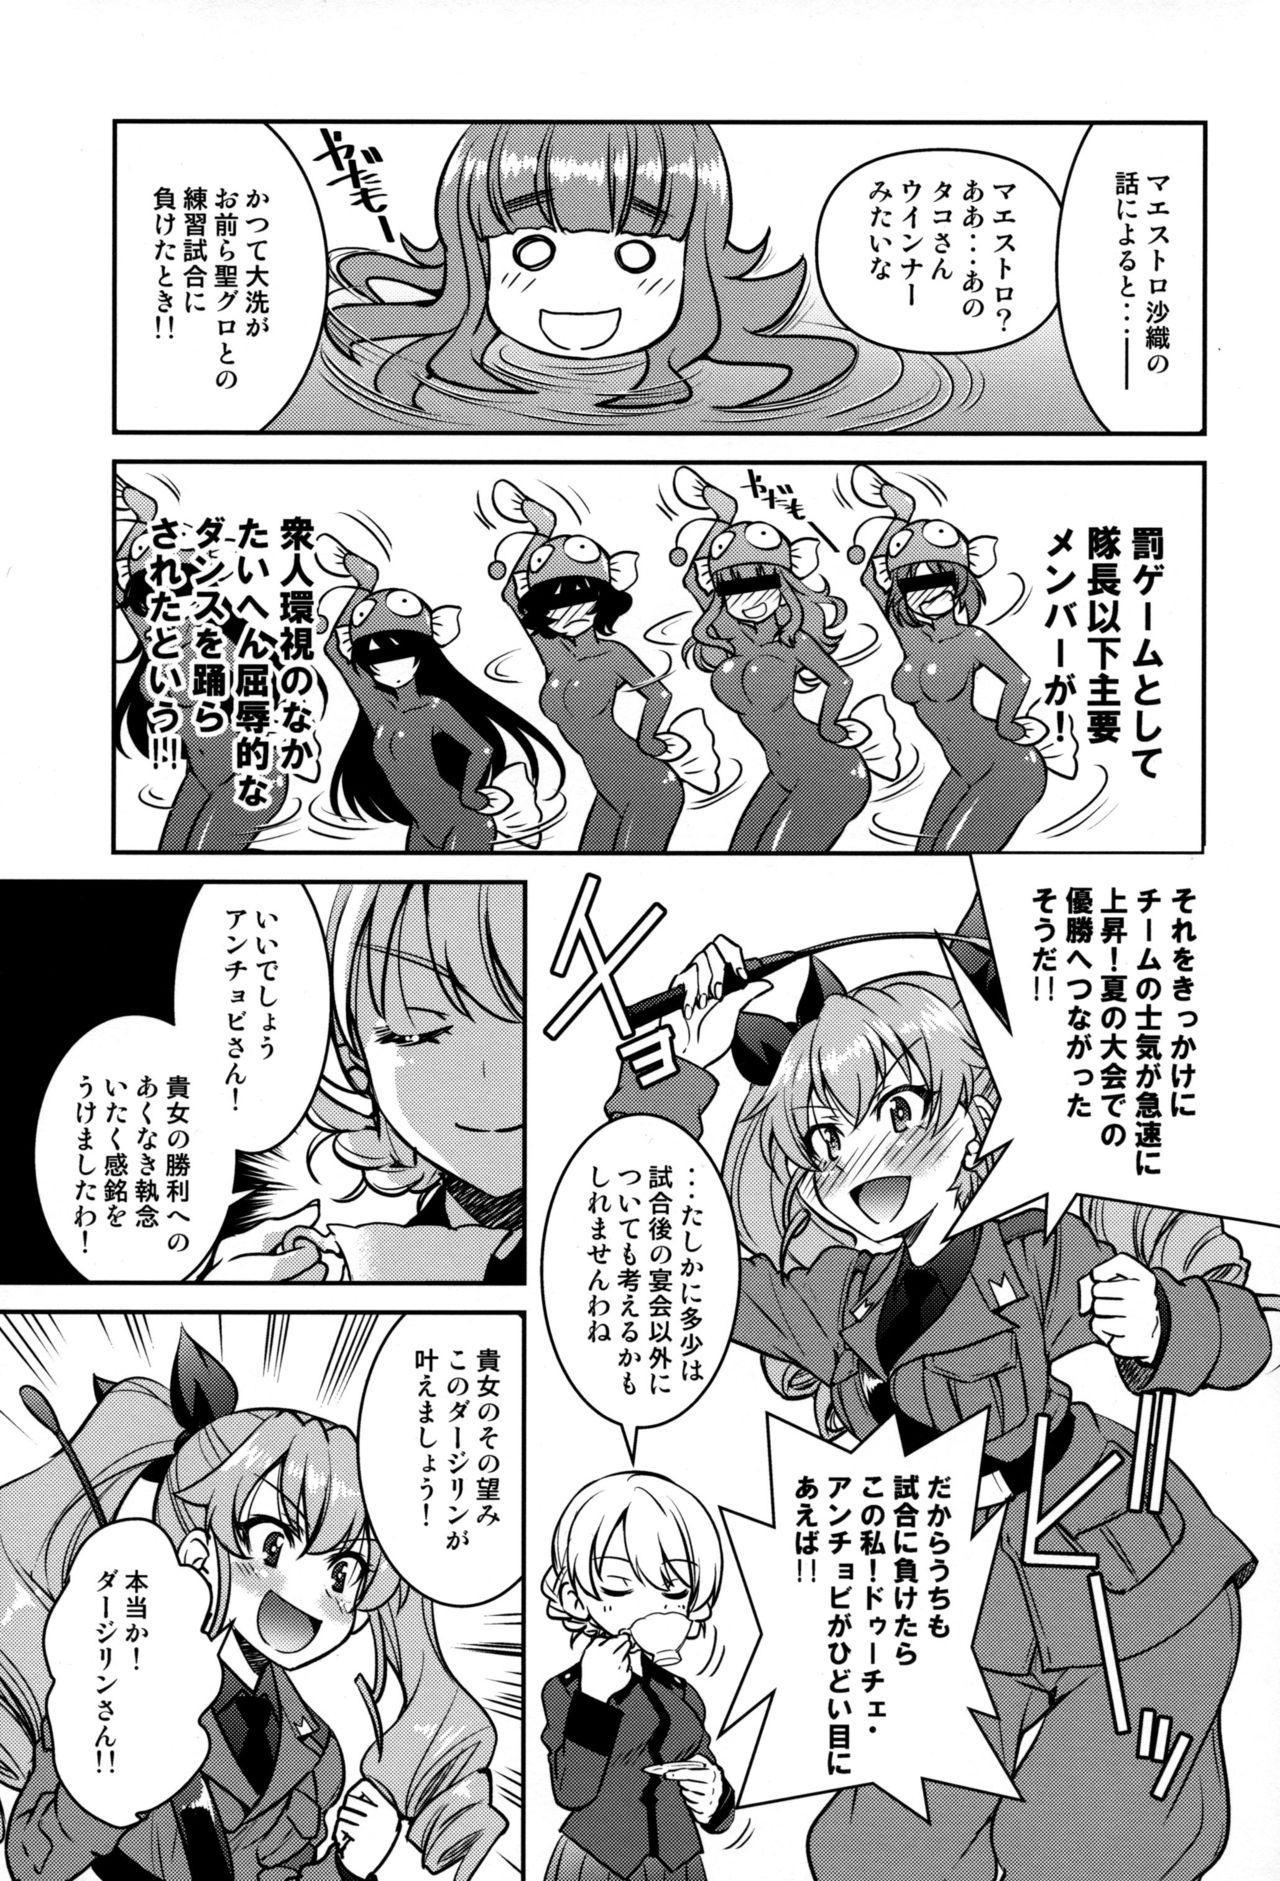 Nawashi Dar-sama Duce o Duce suru 3